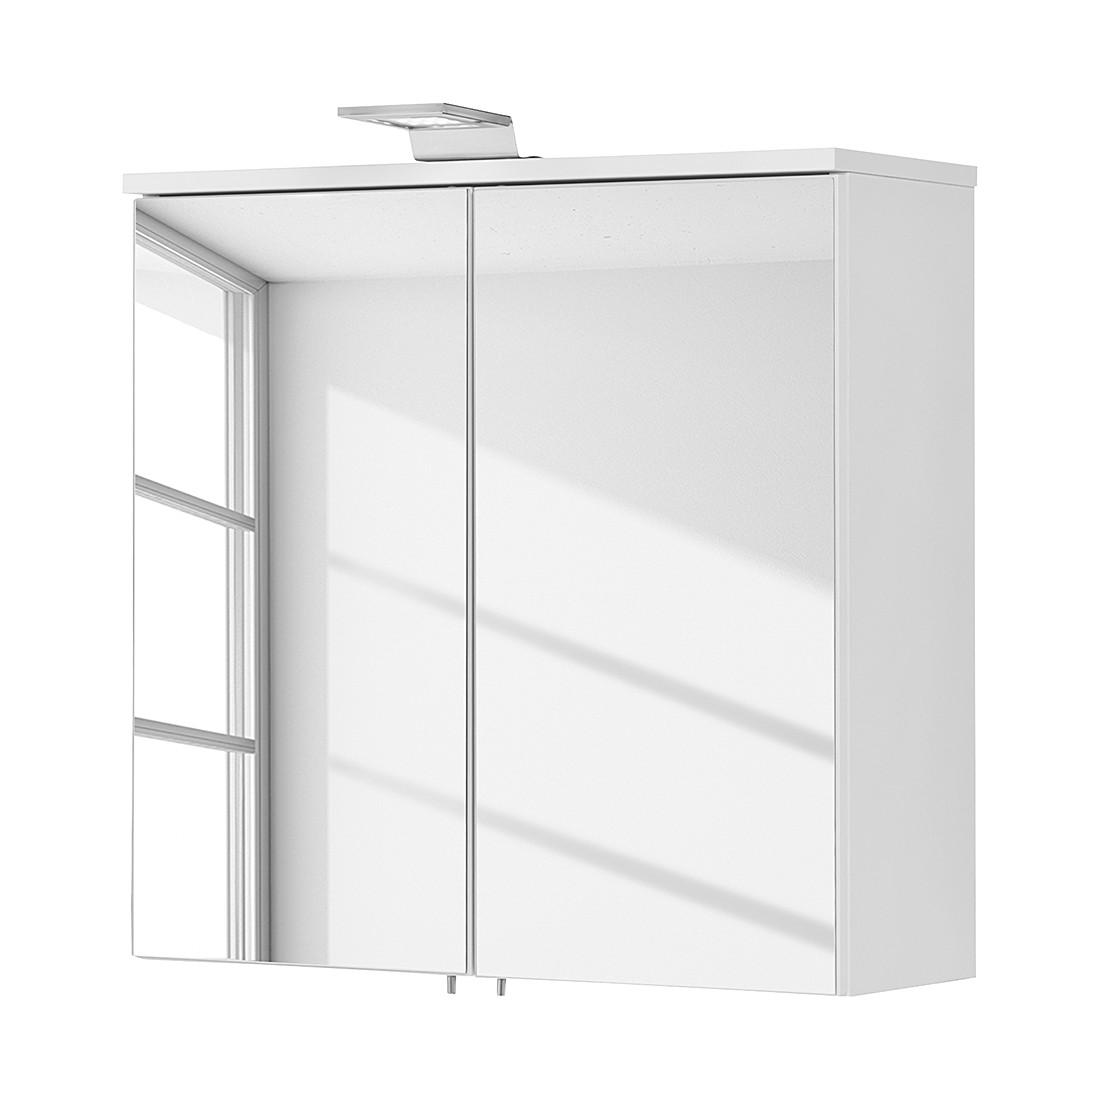 Fackelmann Spiegelschrank – für ein modernes Zuhause | home24